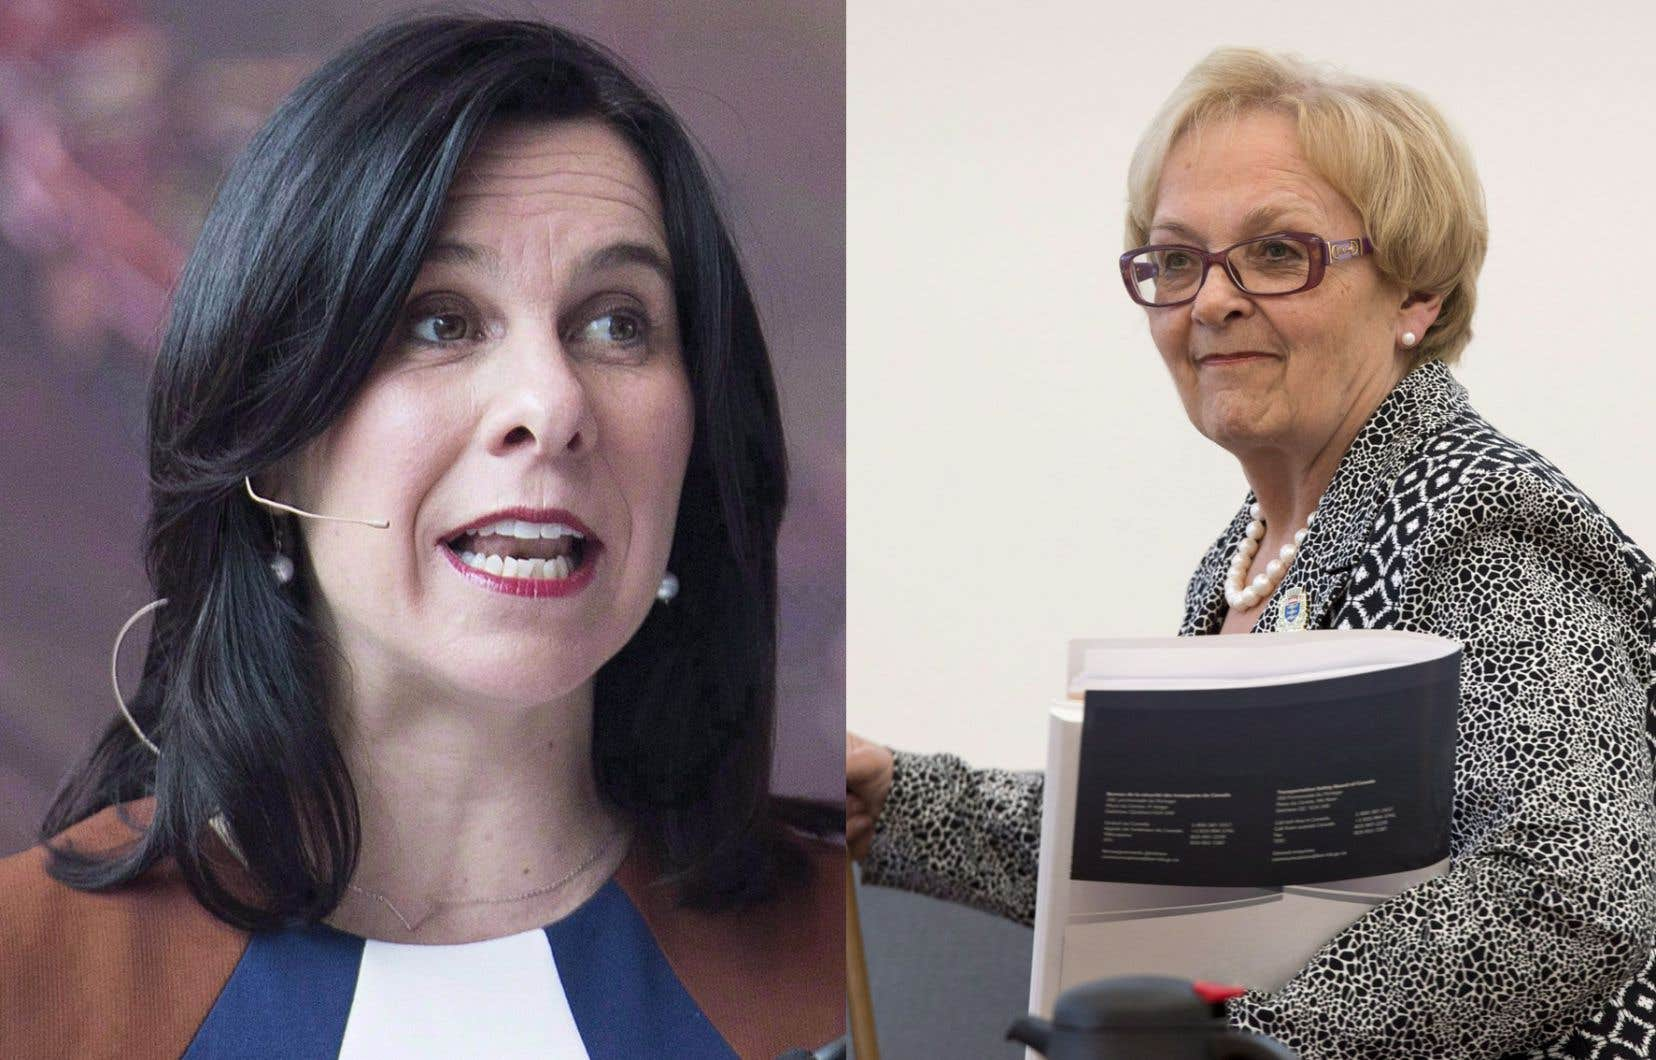 La mairesse de Montréal, Valérie Plante (à gauche), et l'ex-mairesse de Lac-Mégantic, Colette Roy Laroche, qui s'est illustrée par sa gestion pleine d'humanité de la tragédie ferroviaire en 2013.<br />